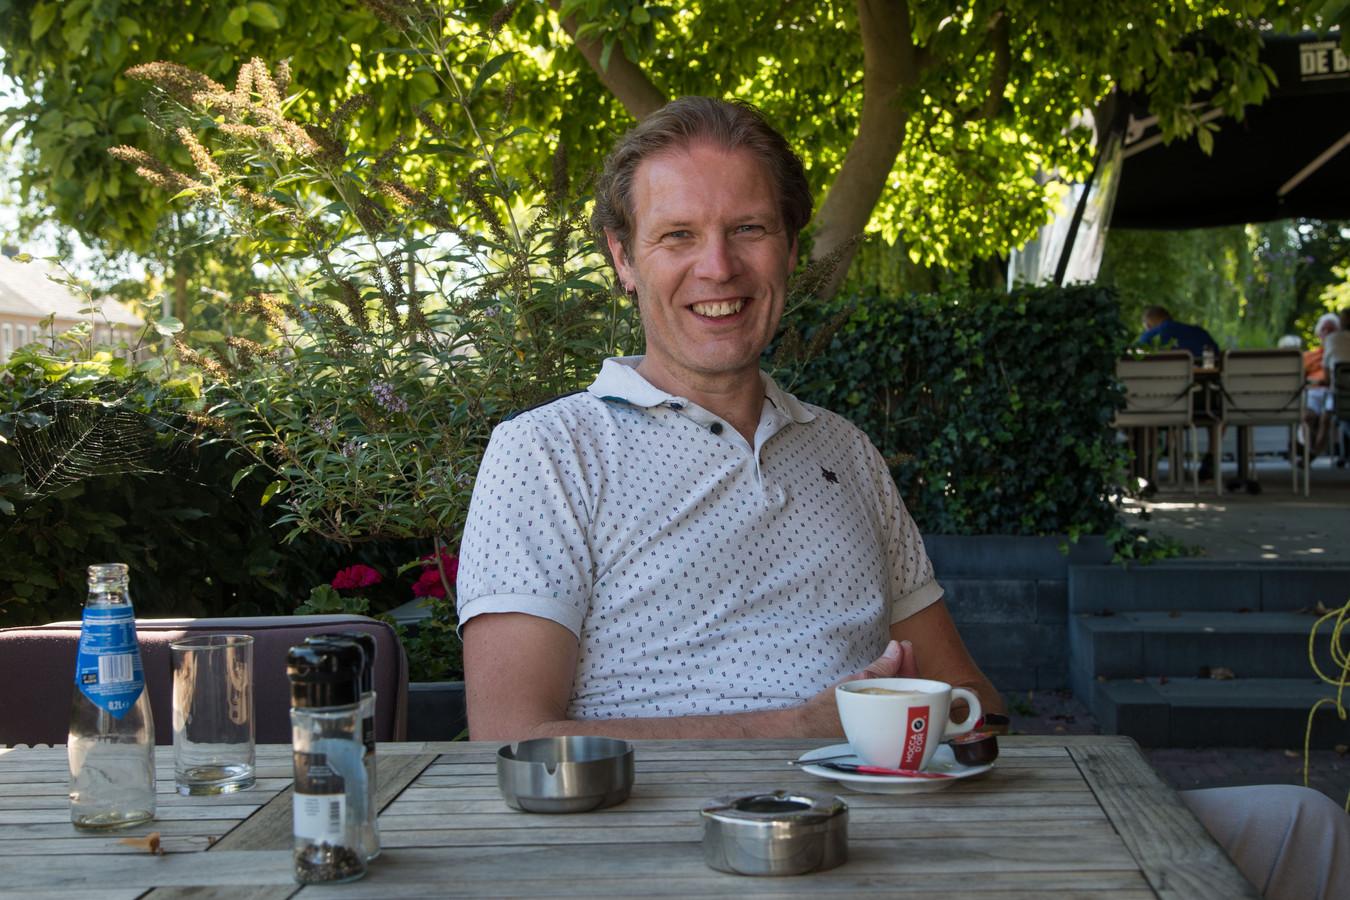 Wethouder Marcel Companjen van Harderwijk roept op Twitter de vraag op of er rookvrije terrassen moeten komen.